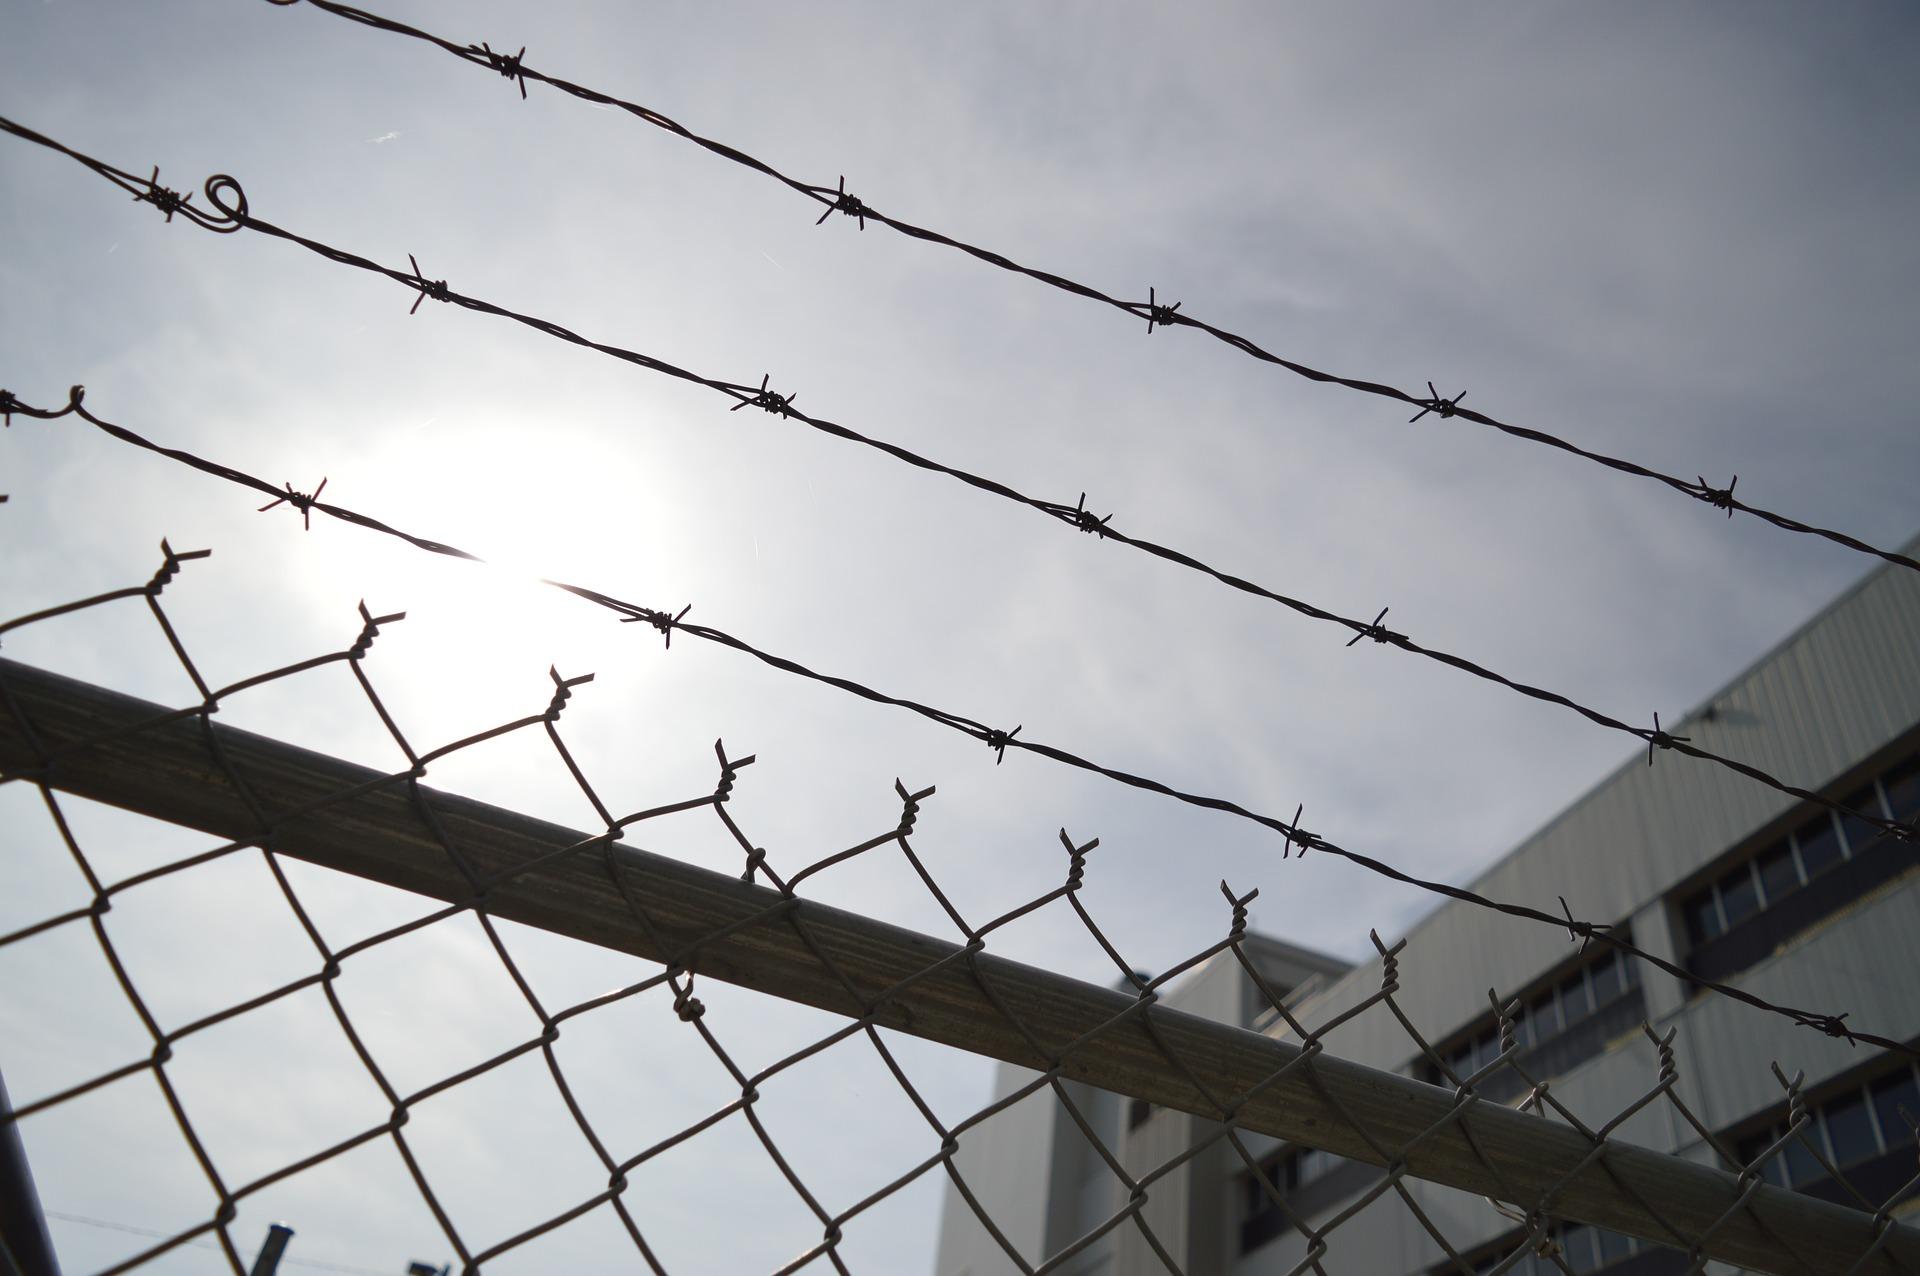 2006: Guantanamo Bay